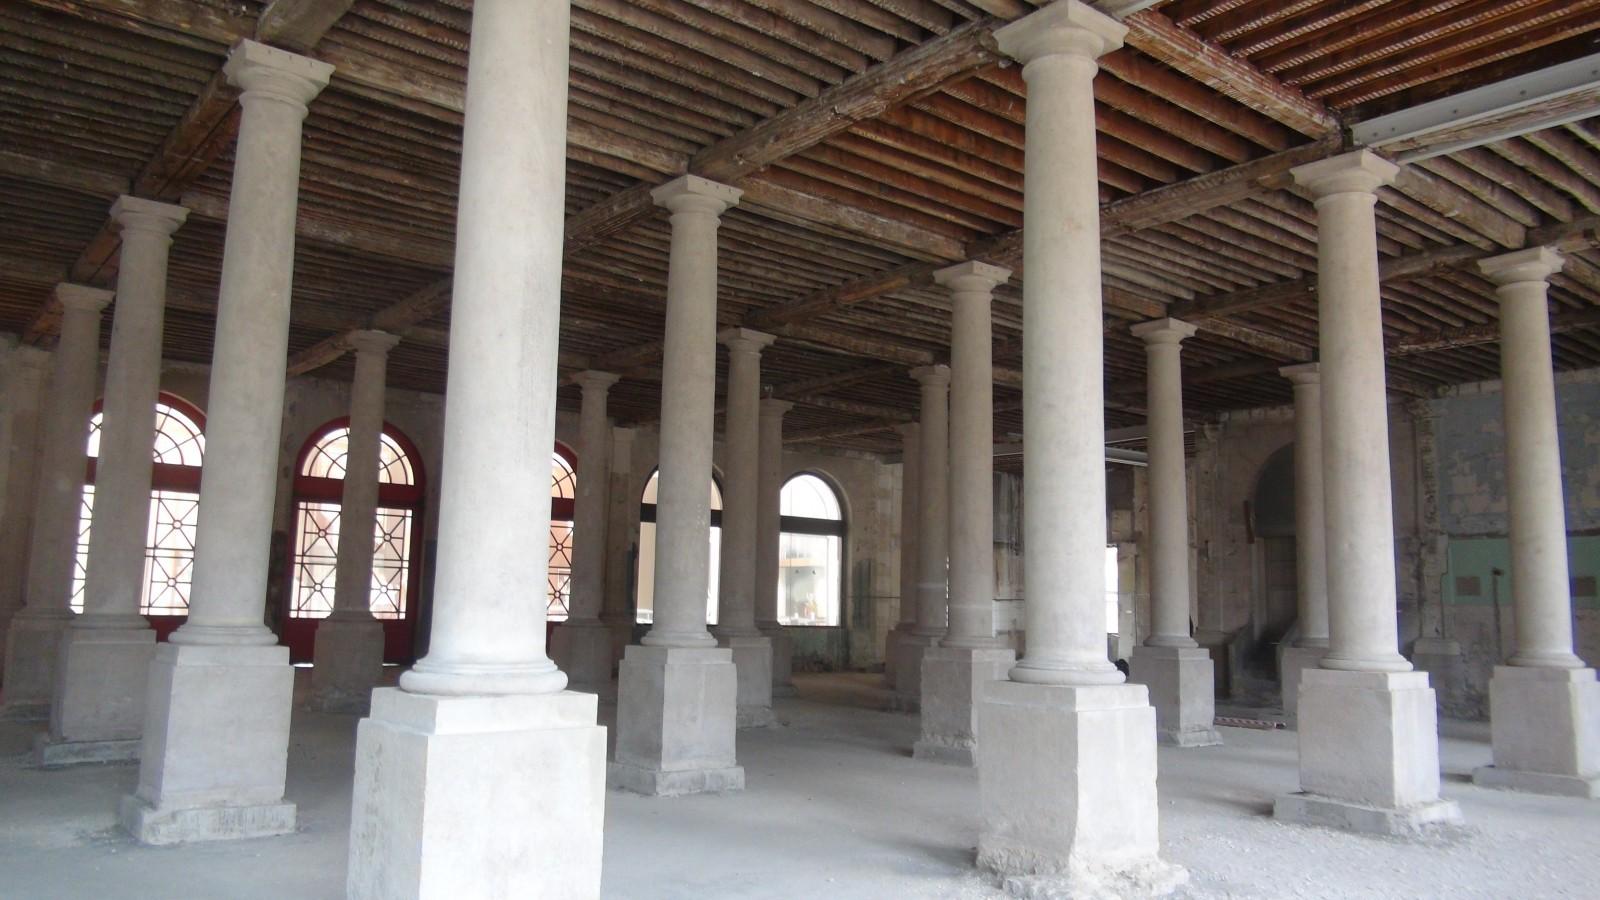 La salle des colonnes au rez-de-chaussée de la Bourse du Travail de Troyes, état actuel. © Didier Rykner, La Tribune de l'Art